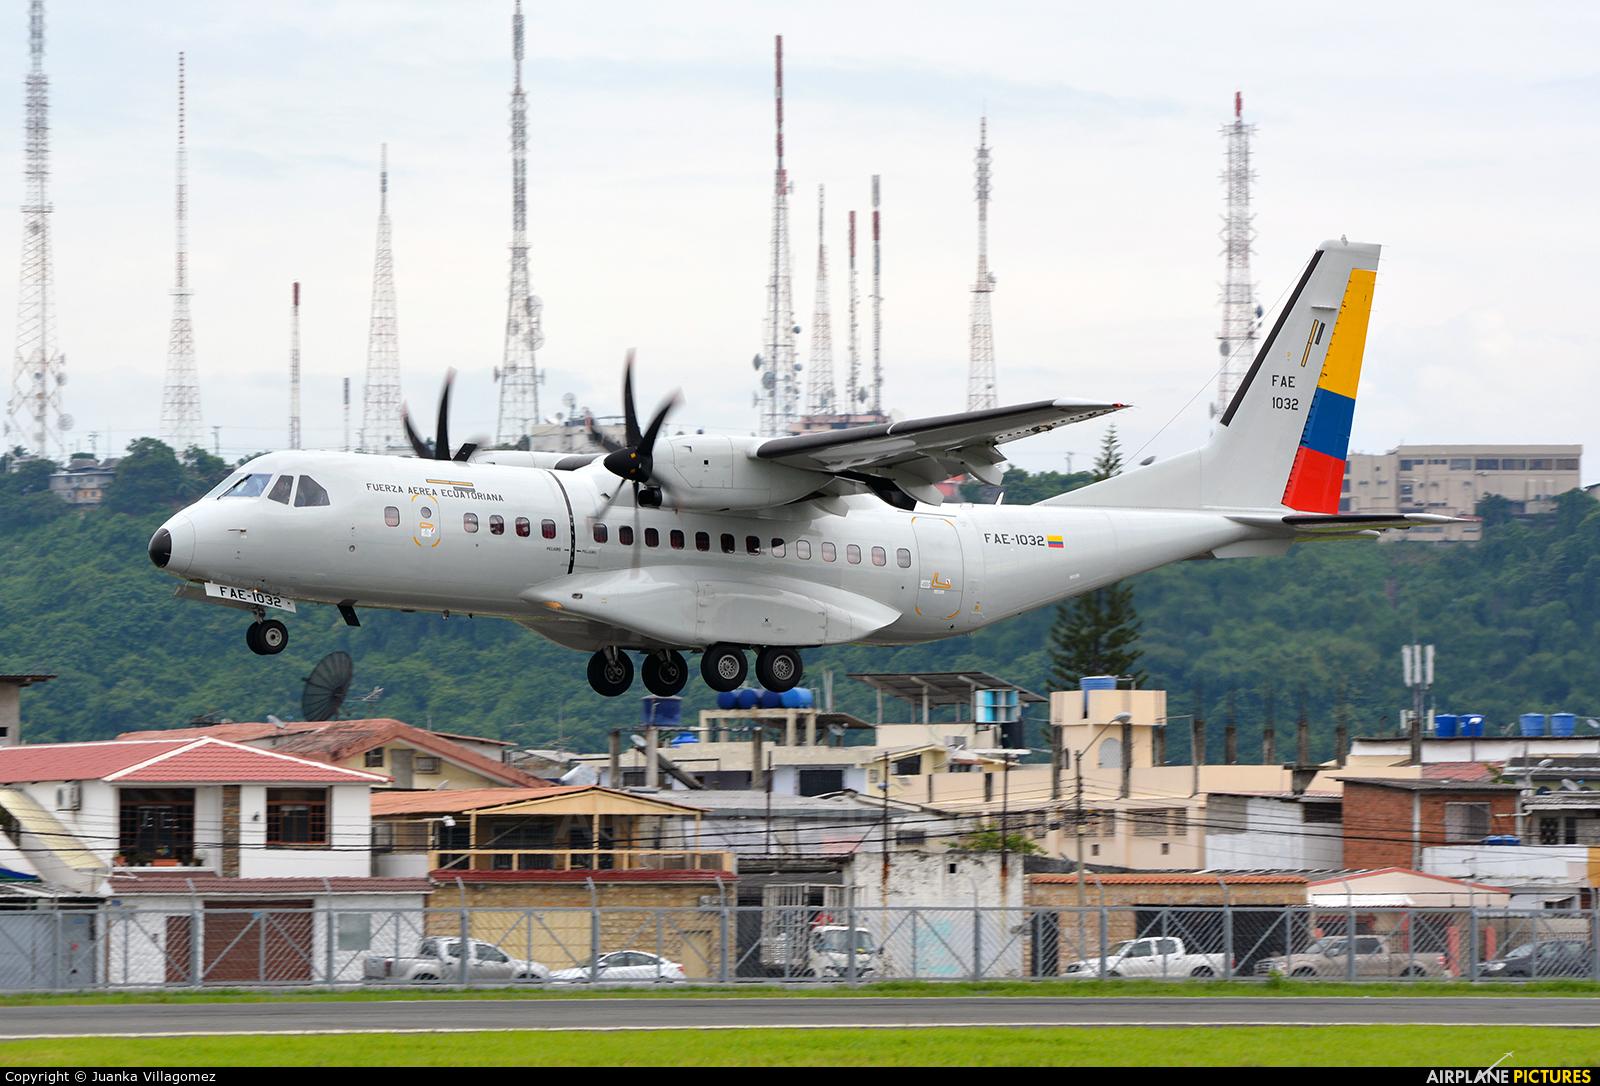 Ecuador - Air Force FAE-1032 aircraft at Guayaquil - José Joaquín de Olmedo